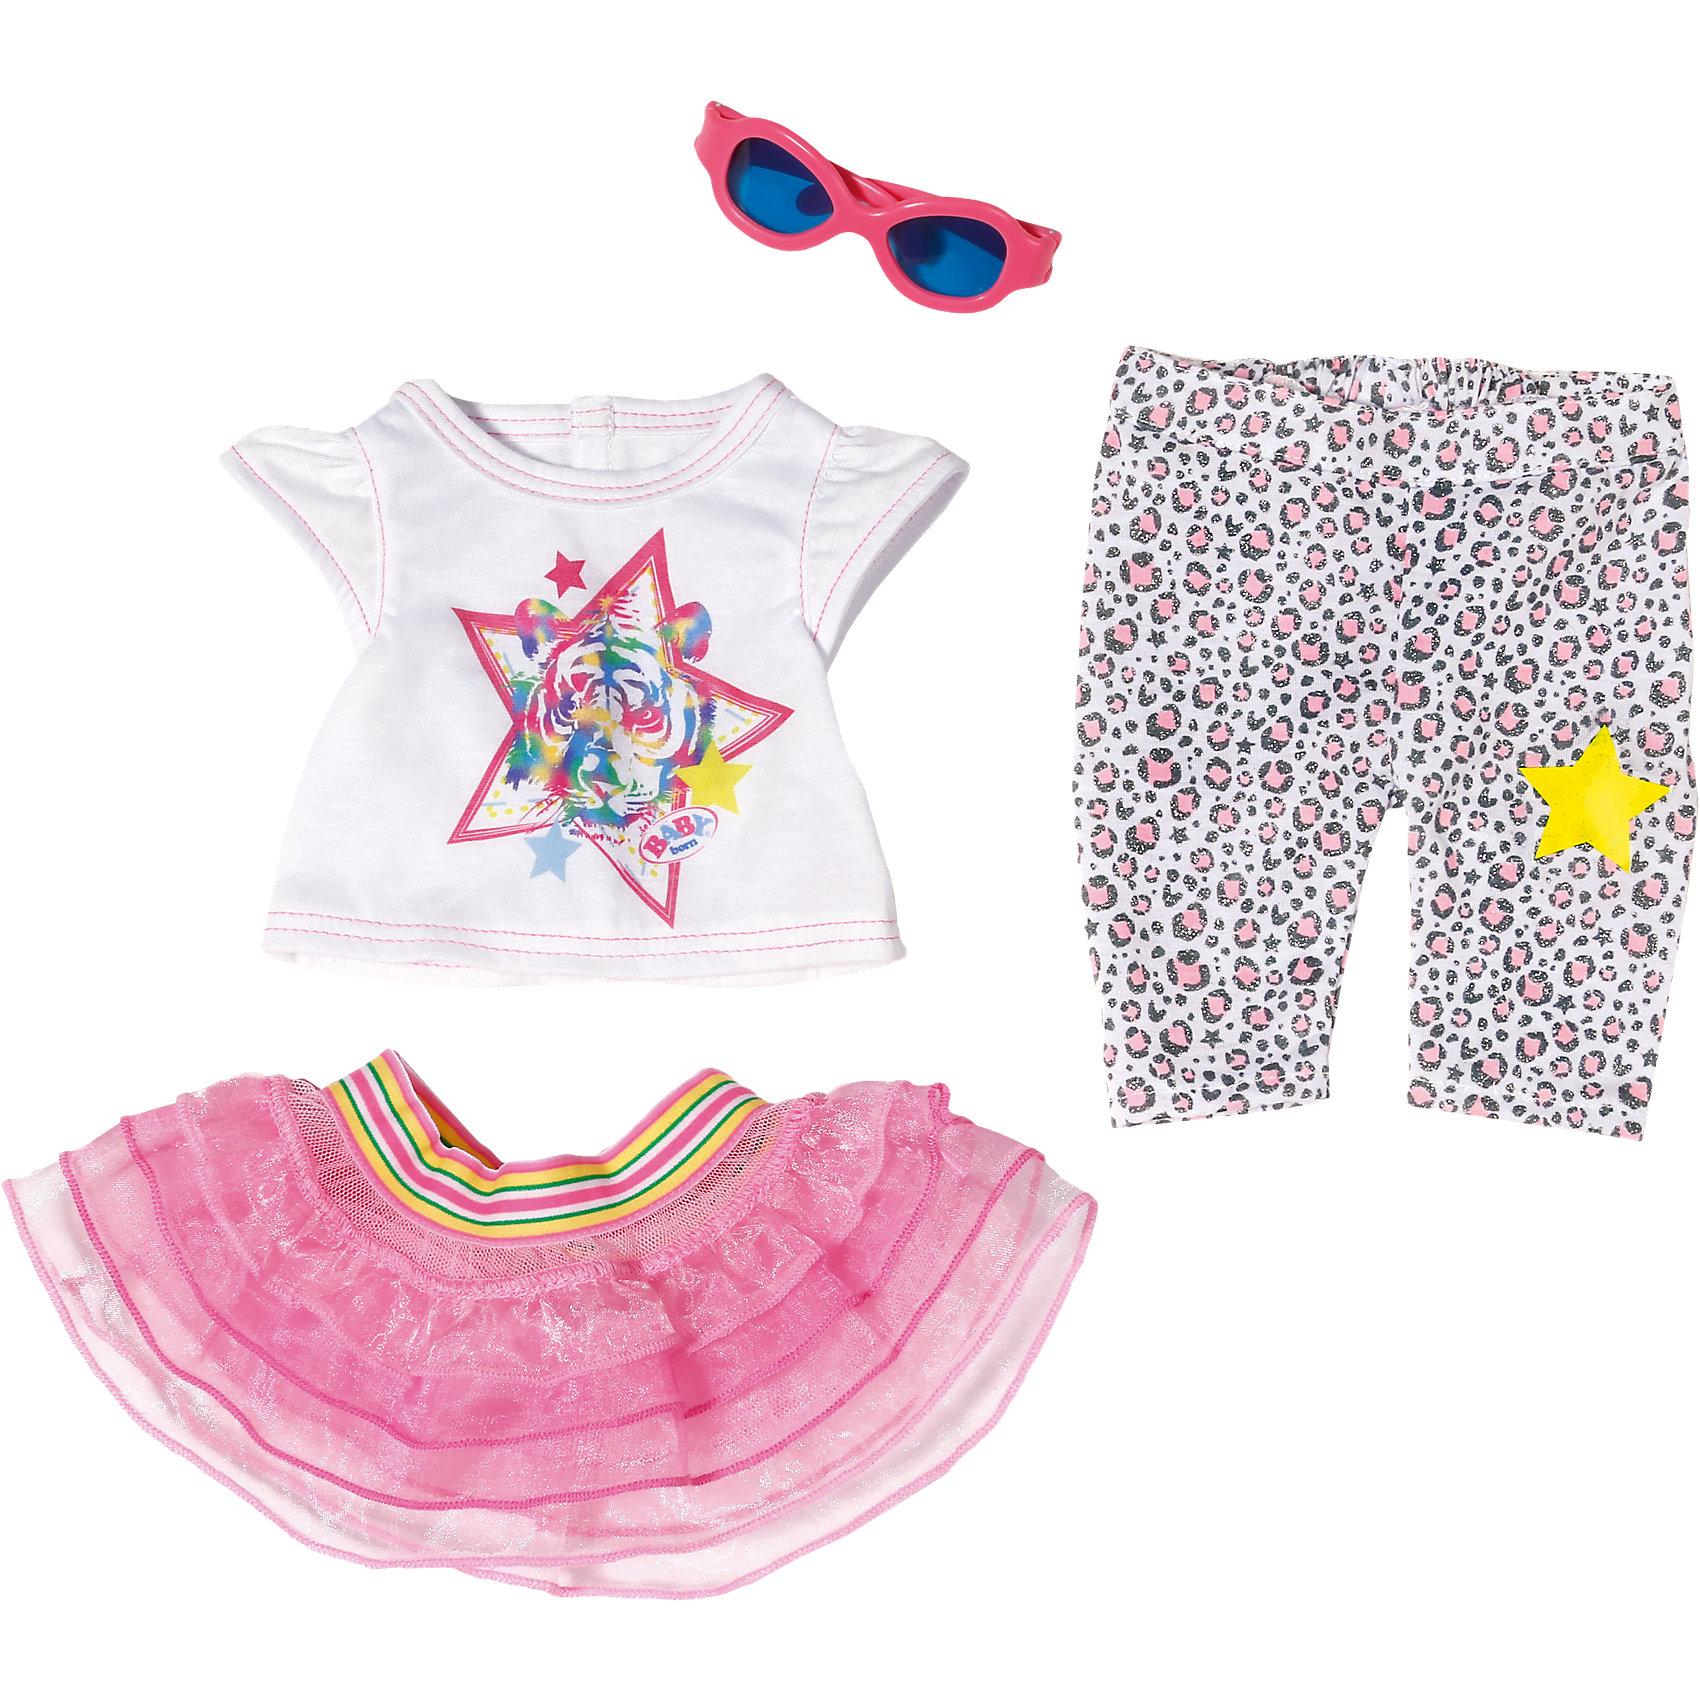 Одежда для прогулки (для куклы), BABY bornБренды кукол<br>Стильный яркий комплект одежды для прогулки в теплый солнечный день – пышная юбочка, майка с необычным принтом, красивые штанишки и солнцезащитные очки для куклы Baby Born. Все предметы сшиты из высококачественных, безопасных для детского здоровья материалов.<br><br>Ширина мм: 365<br>Глубина мм: 281<br>Высота мм: 81<br>Вес г: 261<br>Возраст от месяцев: 36<br>Возраст до месяцев: 60<br>Пол: Женский<br>Возраст: Детский<br>SKU: 4319362